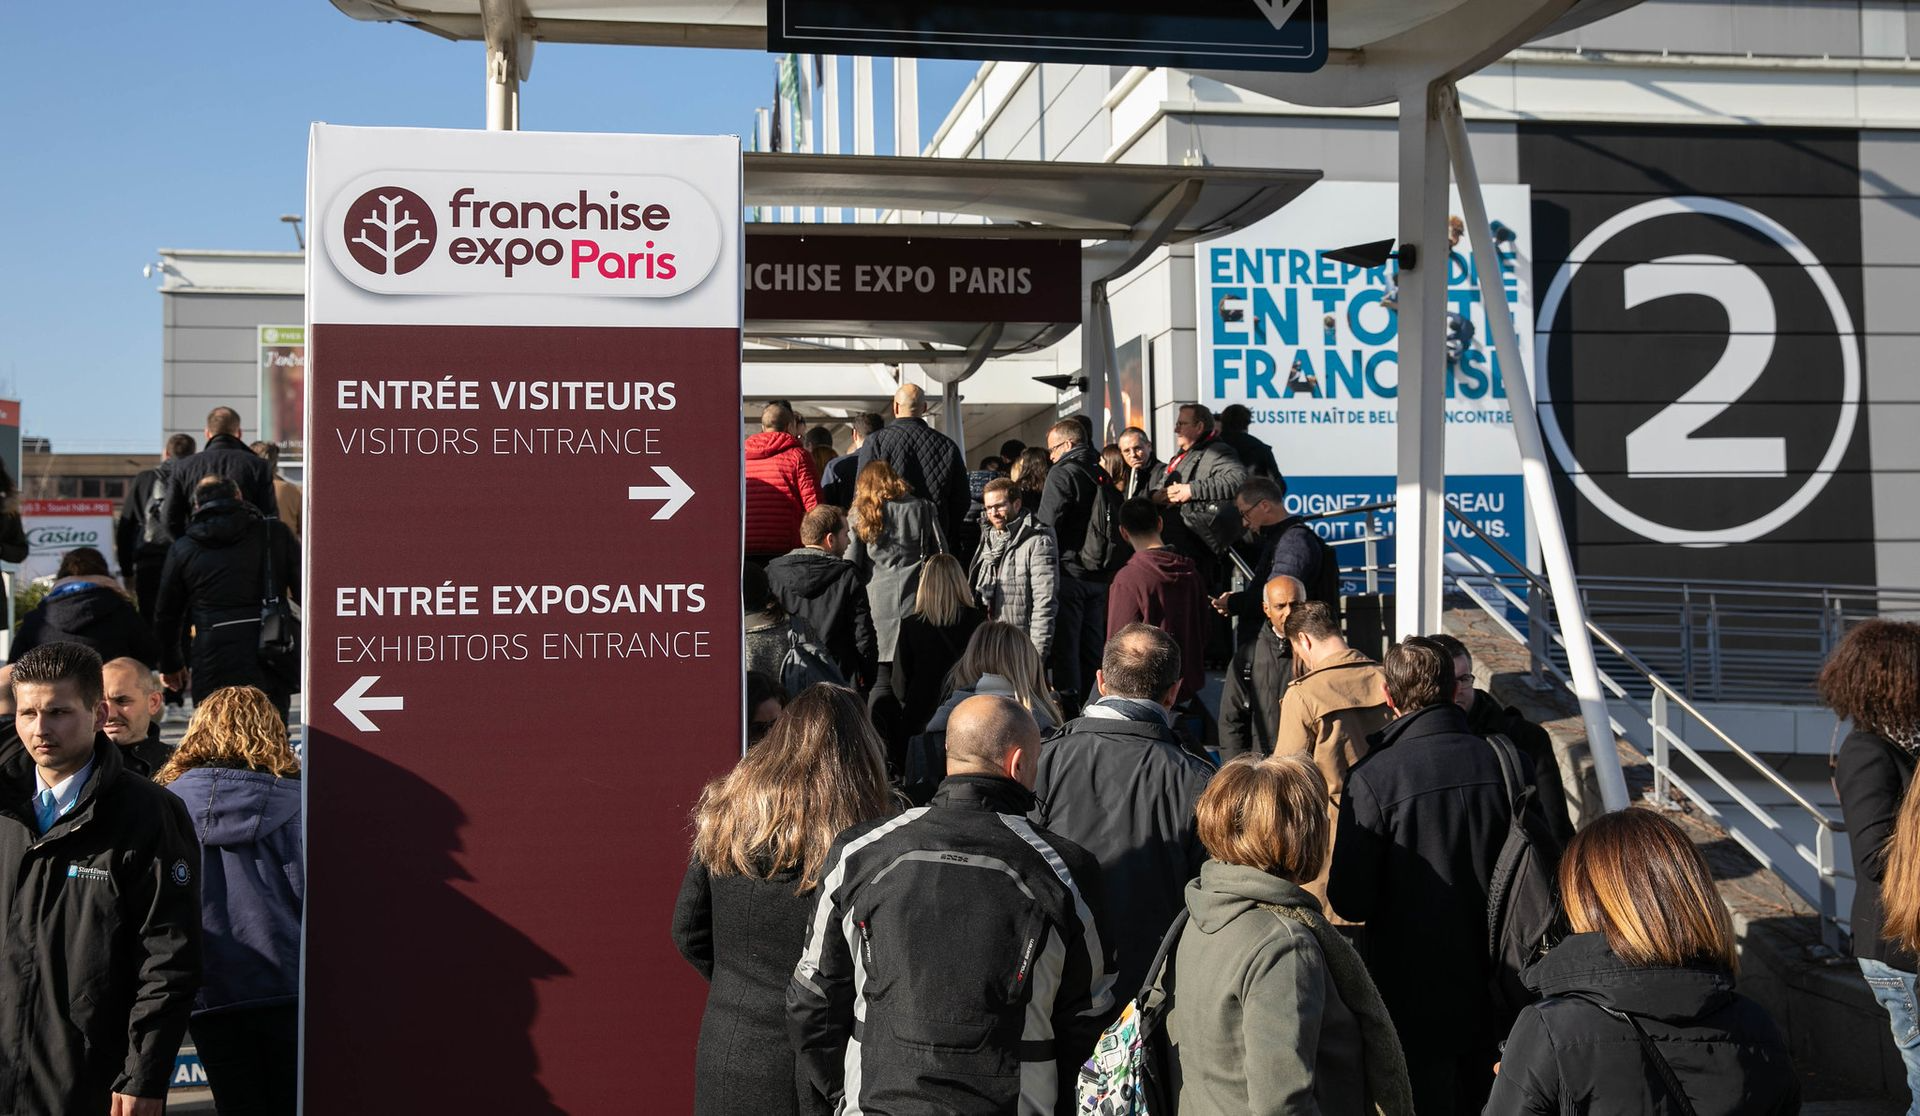 Franchise Expo Paris 2021: Trotz Pandemie rund 25.000 Gäste